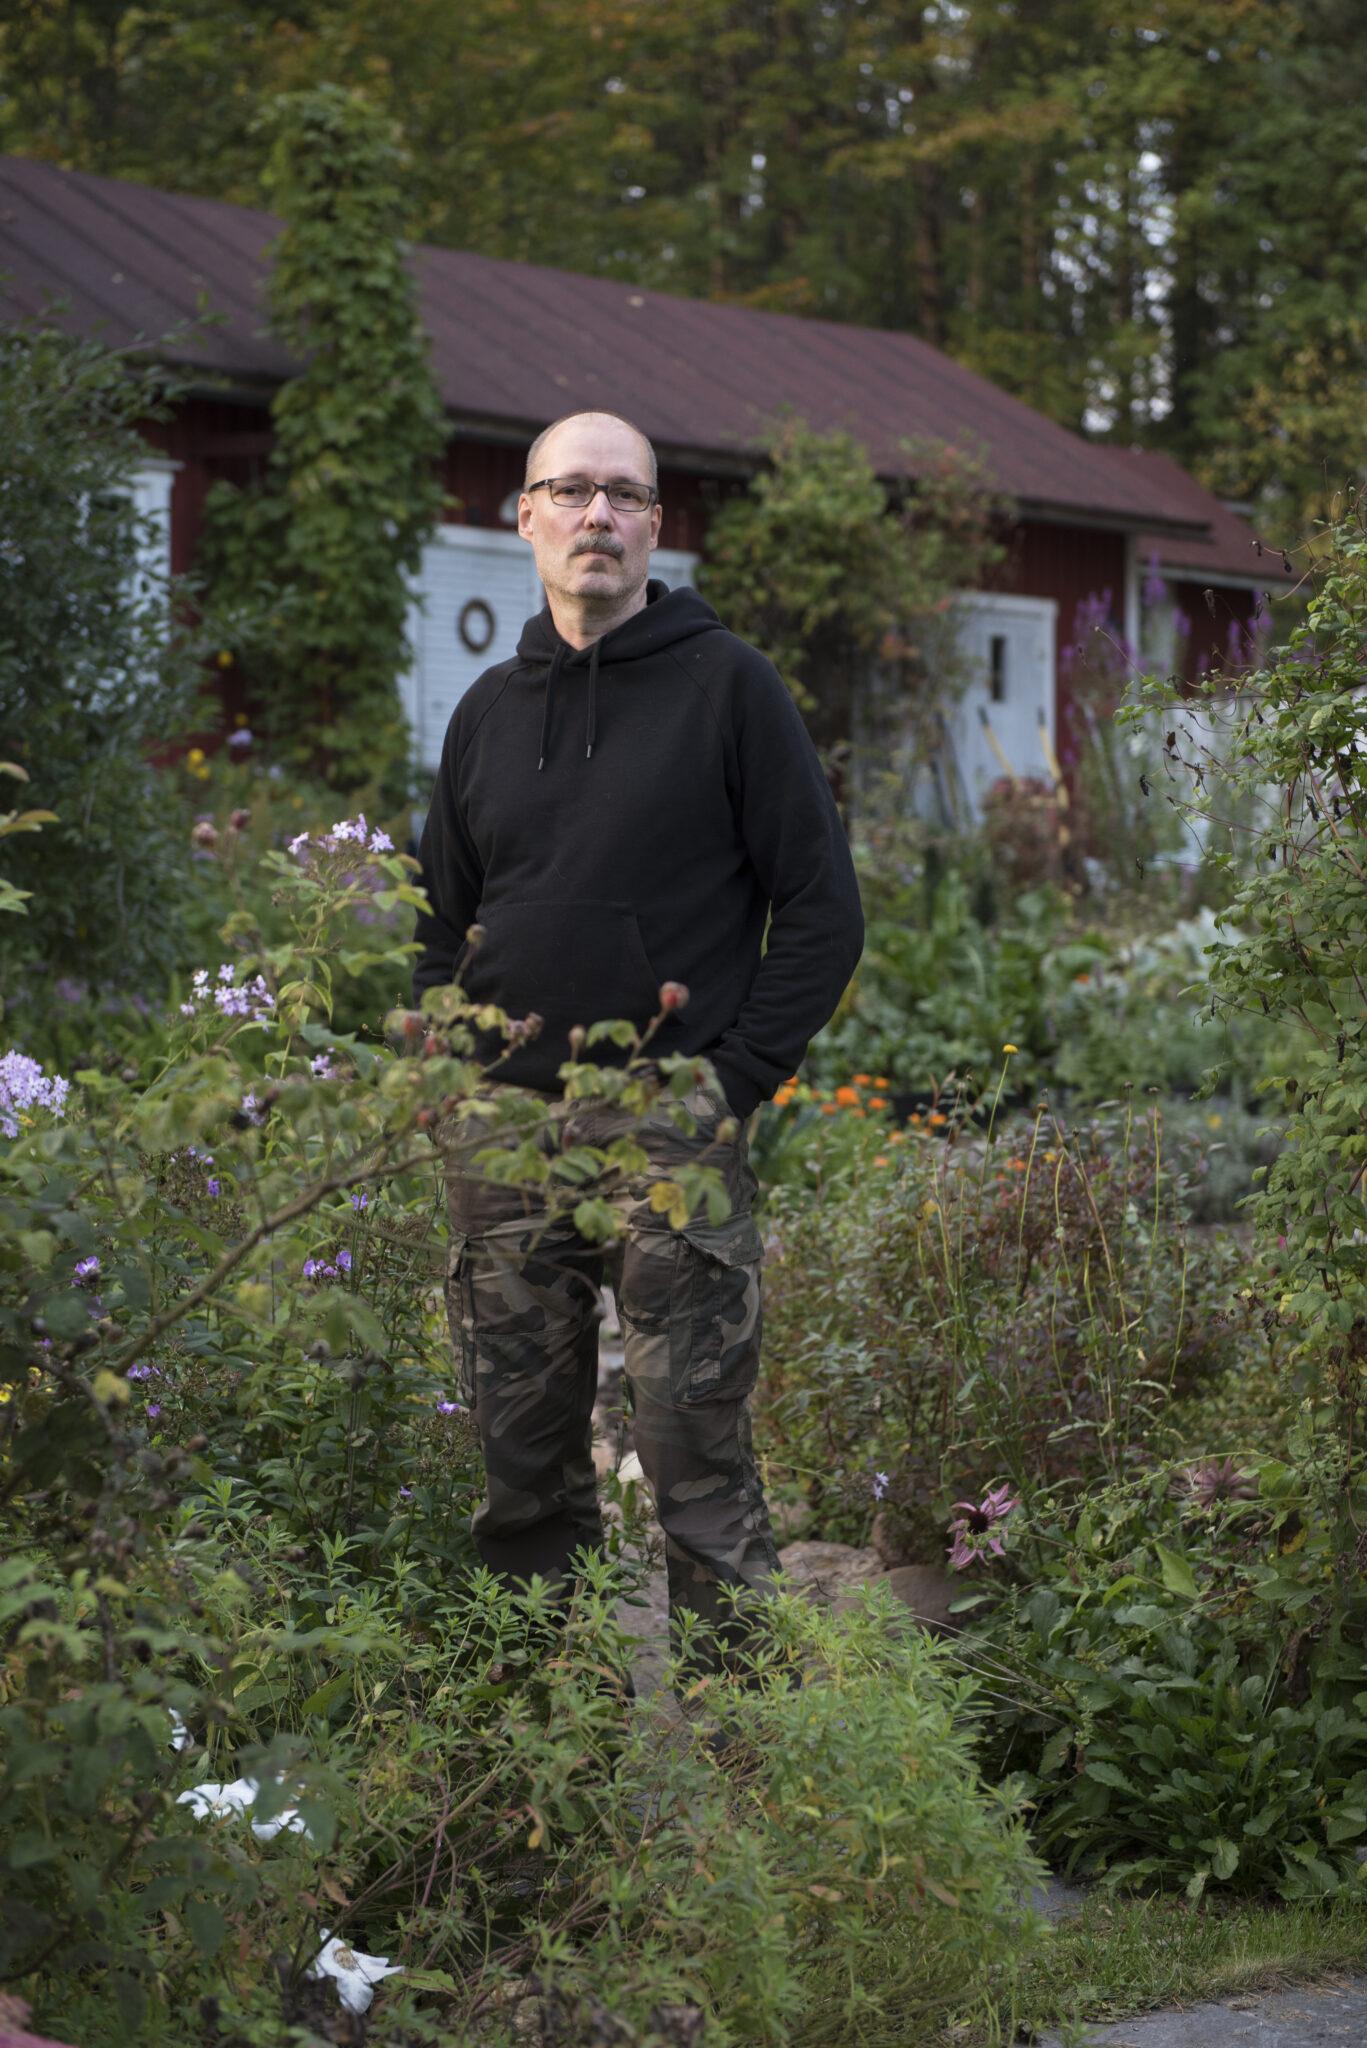 Kärkkäinen seisomassa puutarhassa kädet maastohousujen taskuissa. Musta huppari päällä. Taustalla punainen ulkorakennuksen seinä.